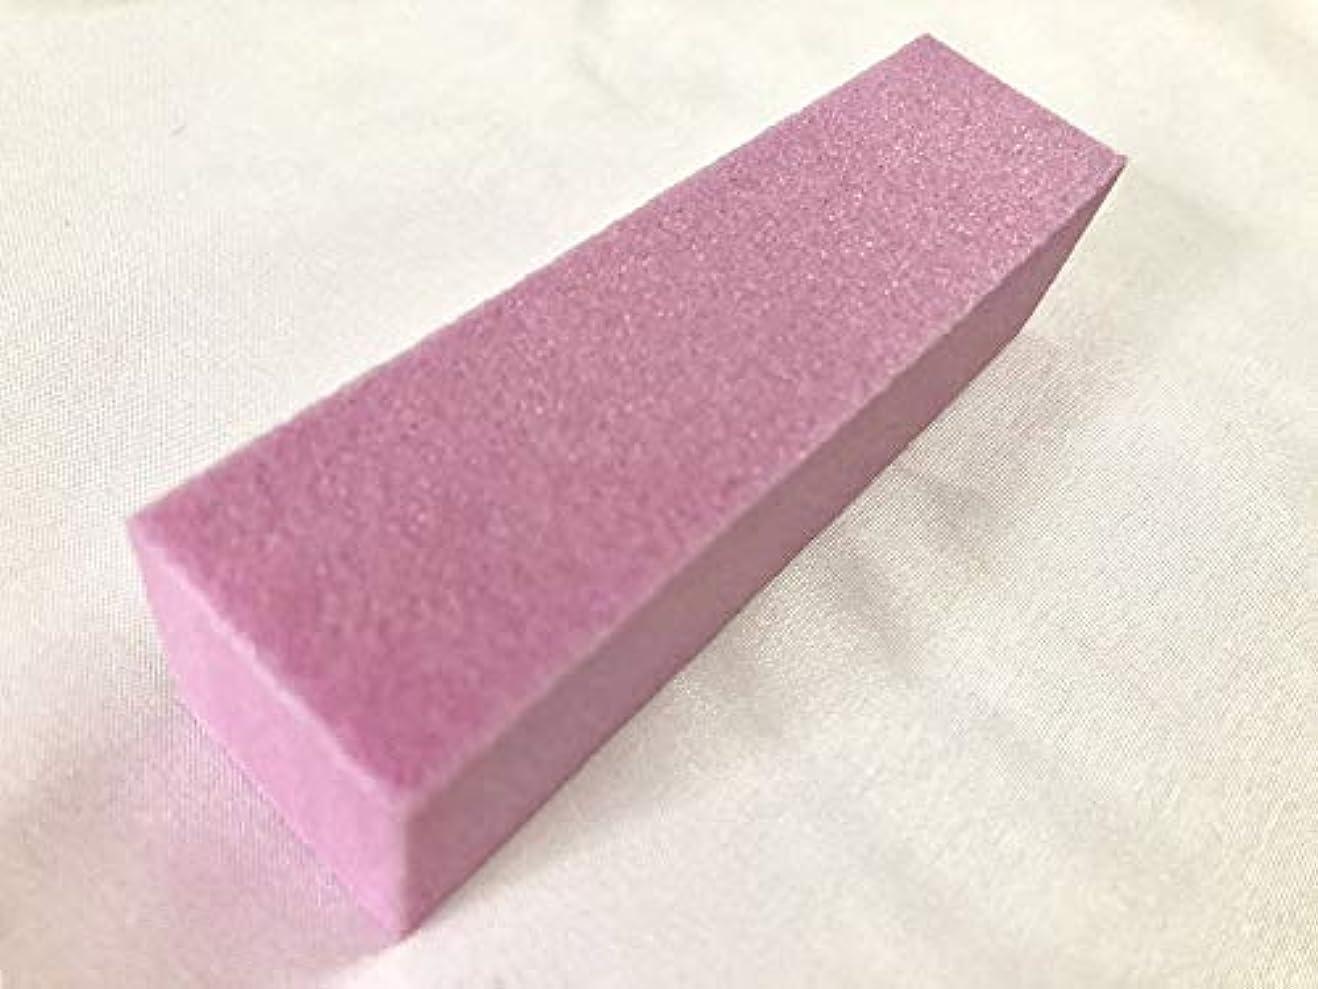 音節パイント煙突スポンジ ネイル ファイル 4本セット マニュキュア ネイル ジェルネイル カラフルなスポンジやすりです 使用用途: ネイルファイル 角質とり 刃物のやすり